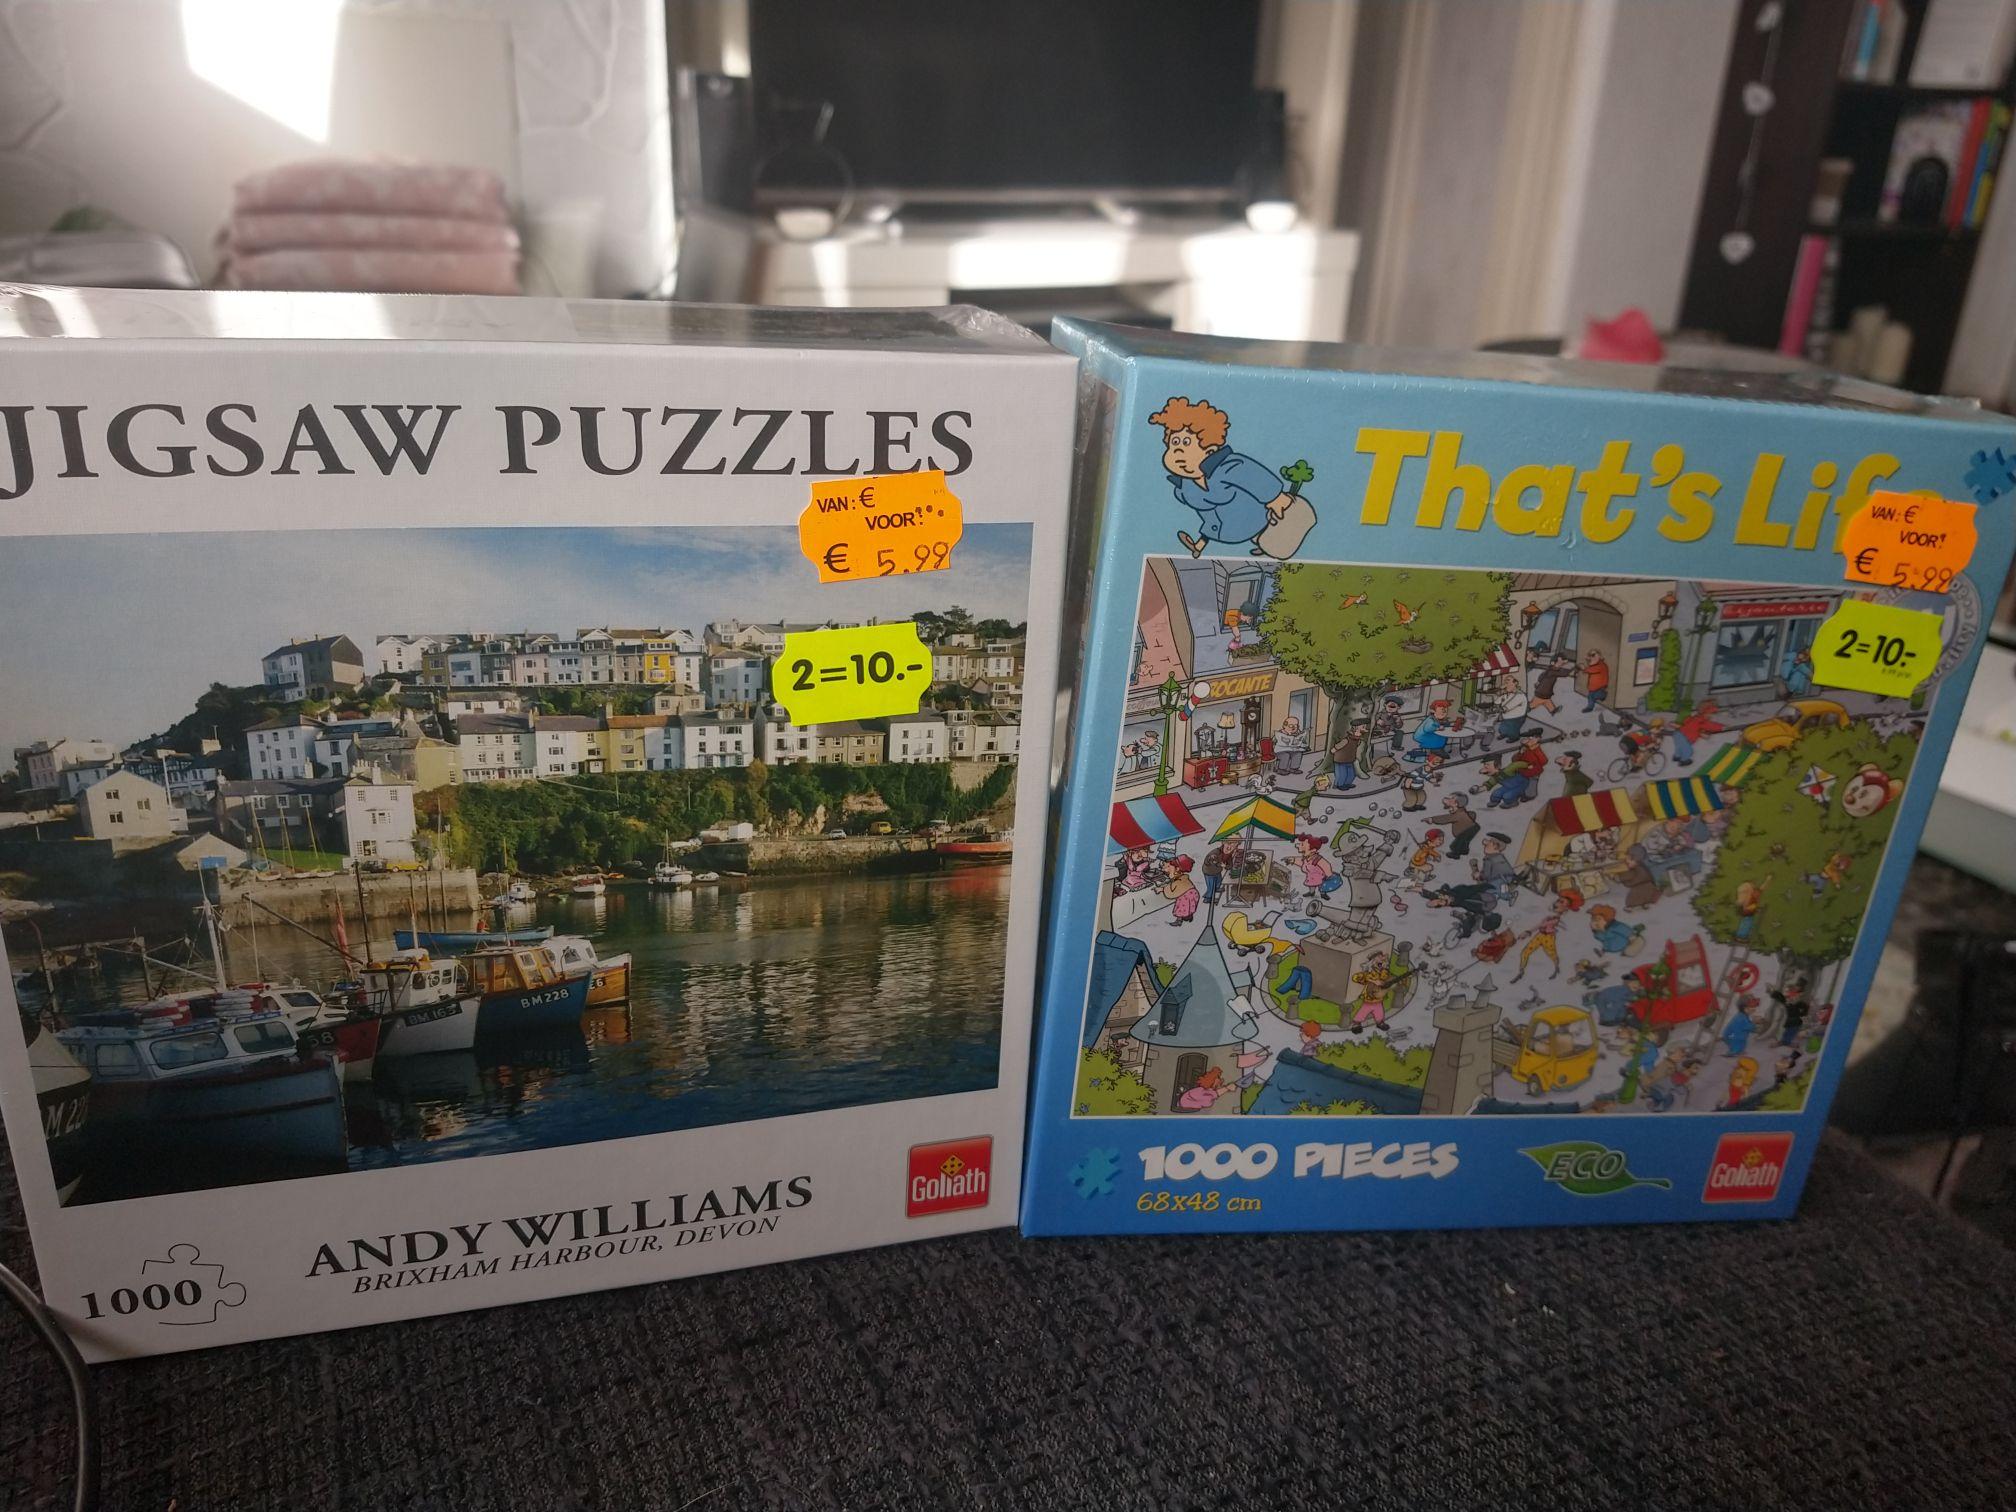 2 legpuzzels voor 10 euro